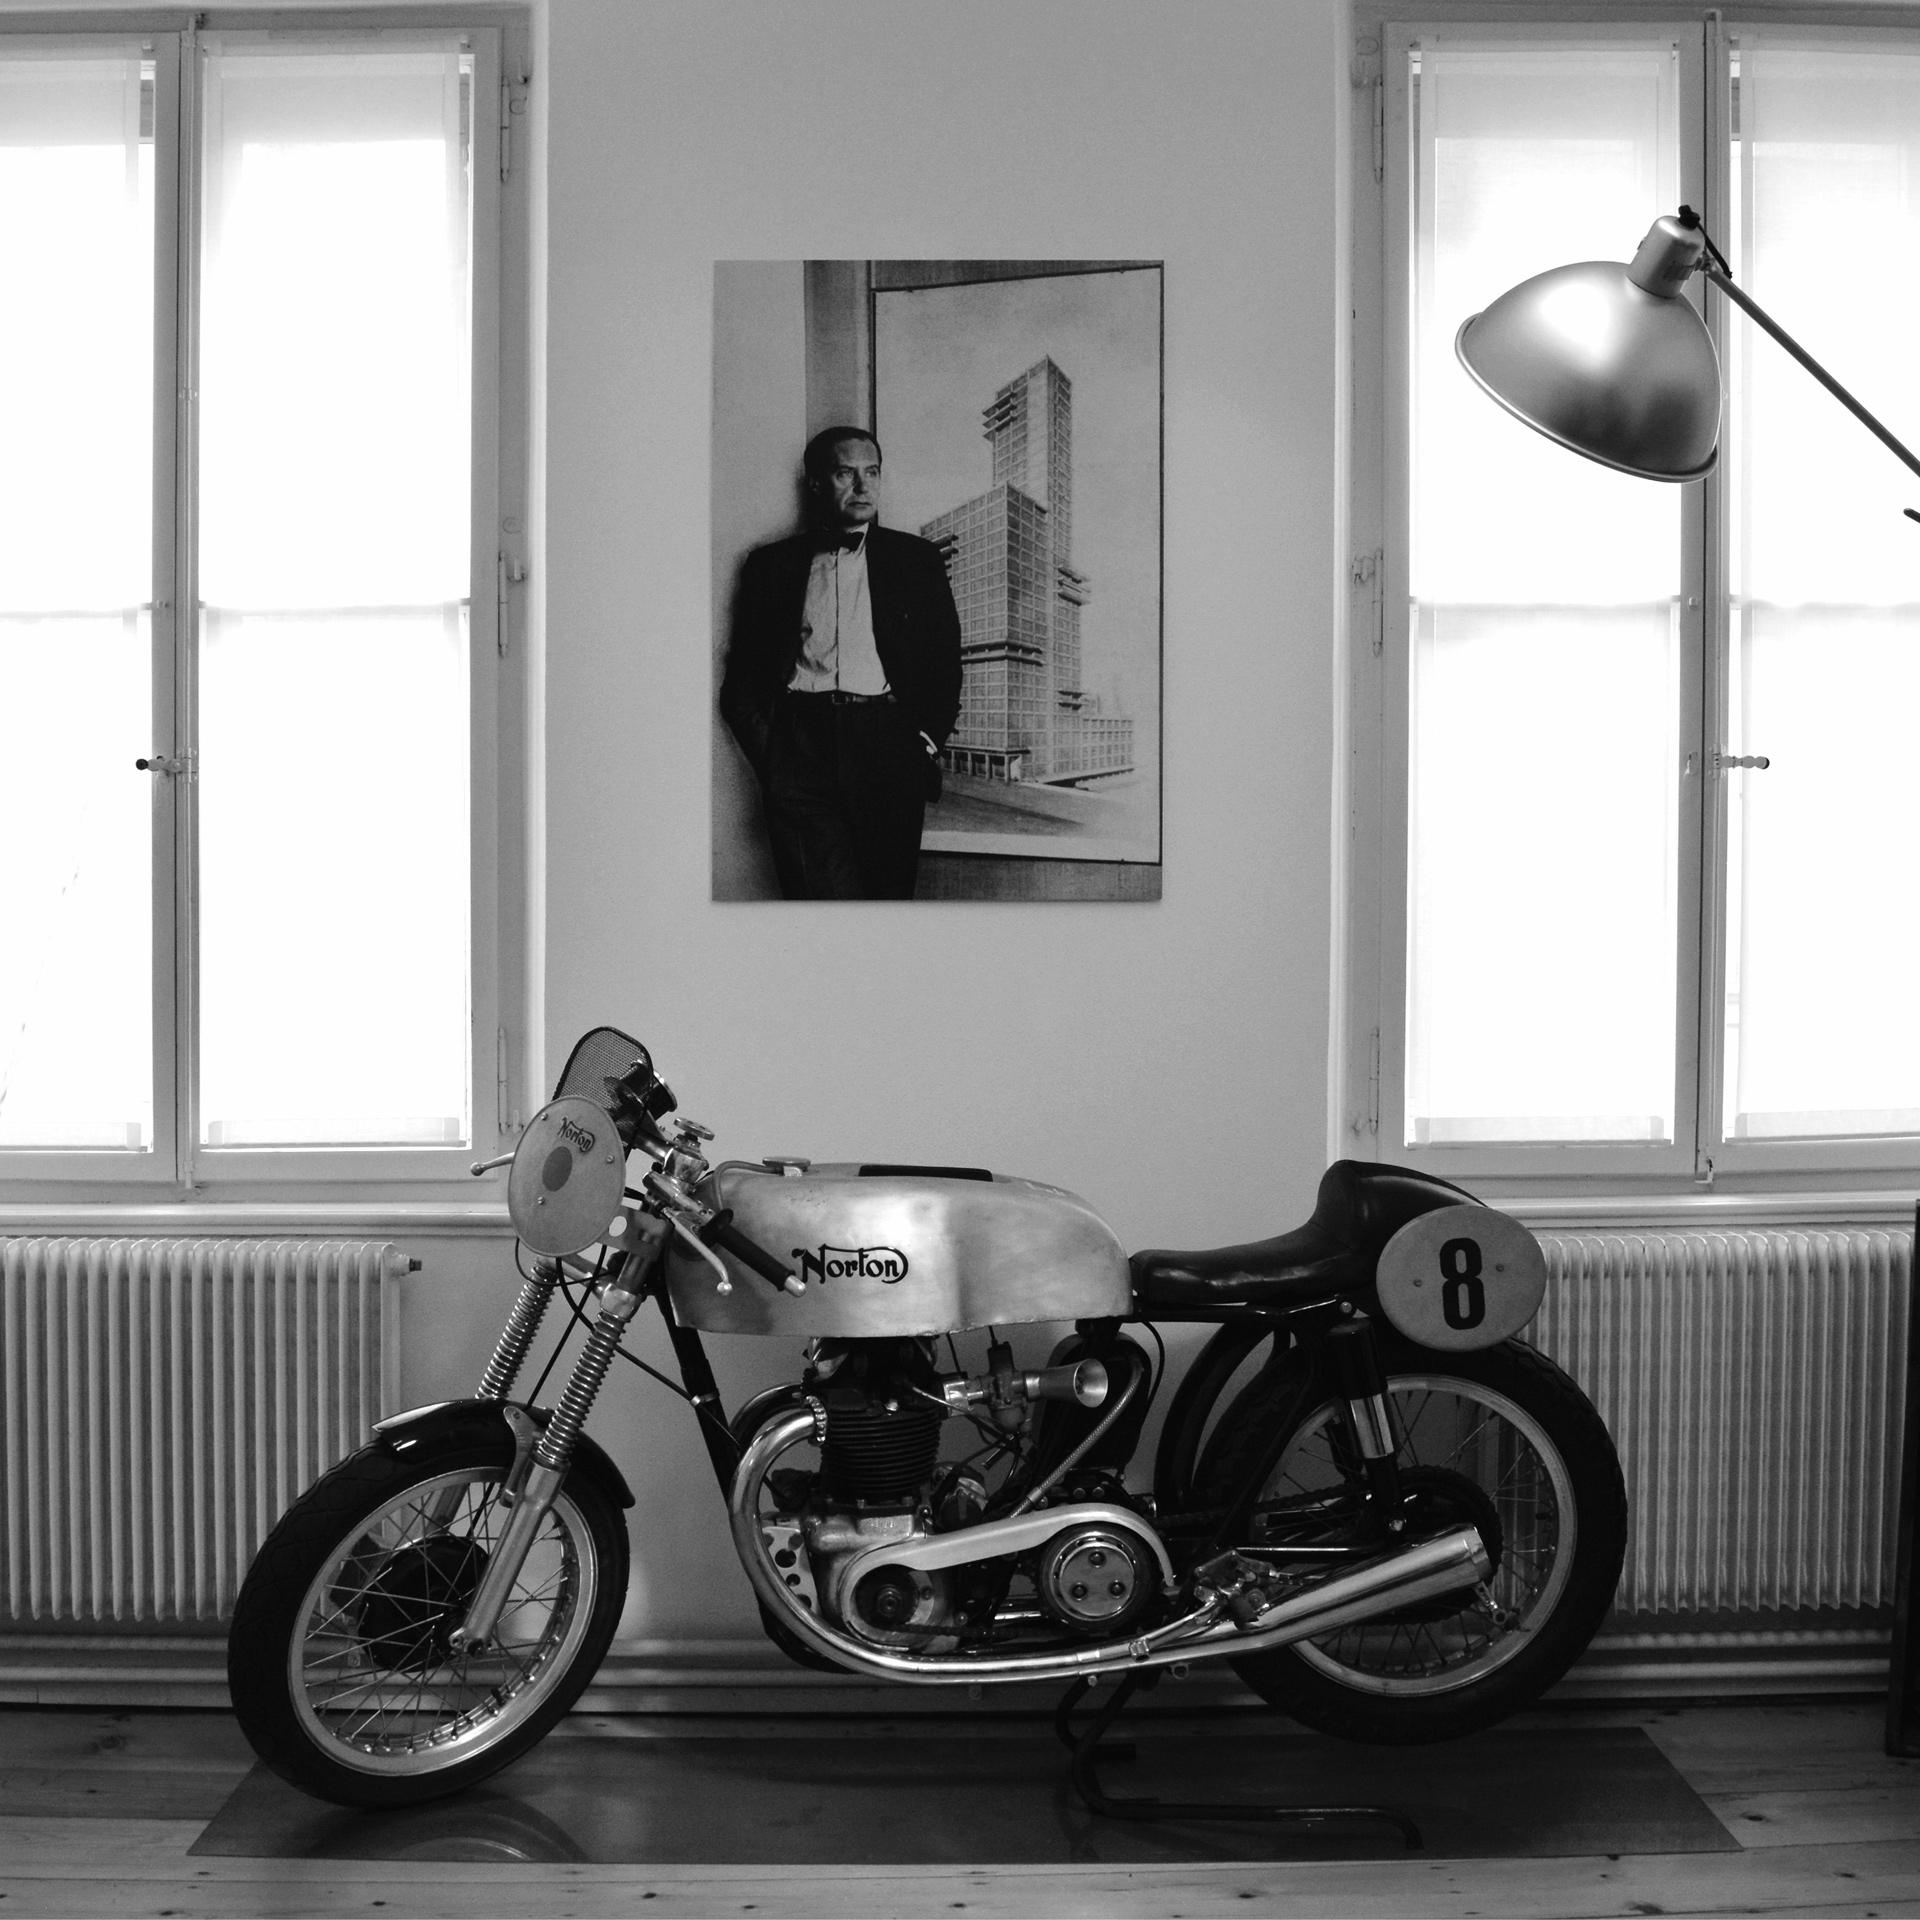 Studio di architettura, motocicletta Norton Dominator e immagine di Walter Gropius